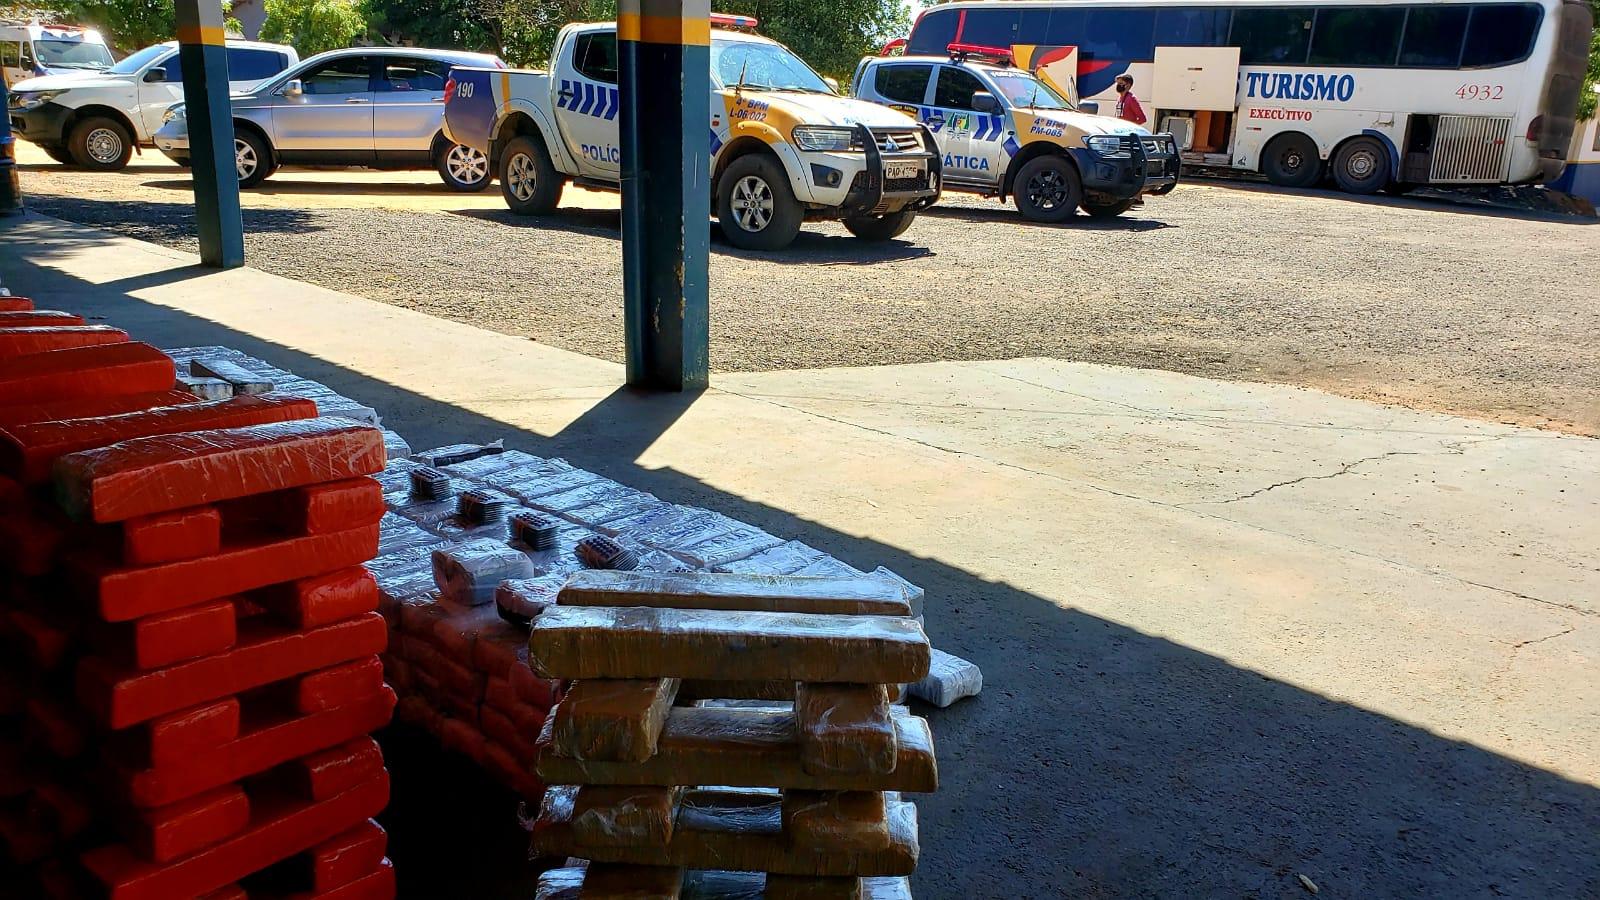 Mais de 200 quilos de entorpecentes são apreendidos pela Polícia Militar dentro de ônibus em Gurupi TO